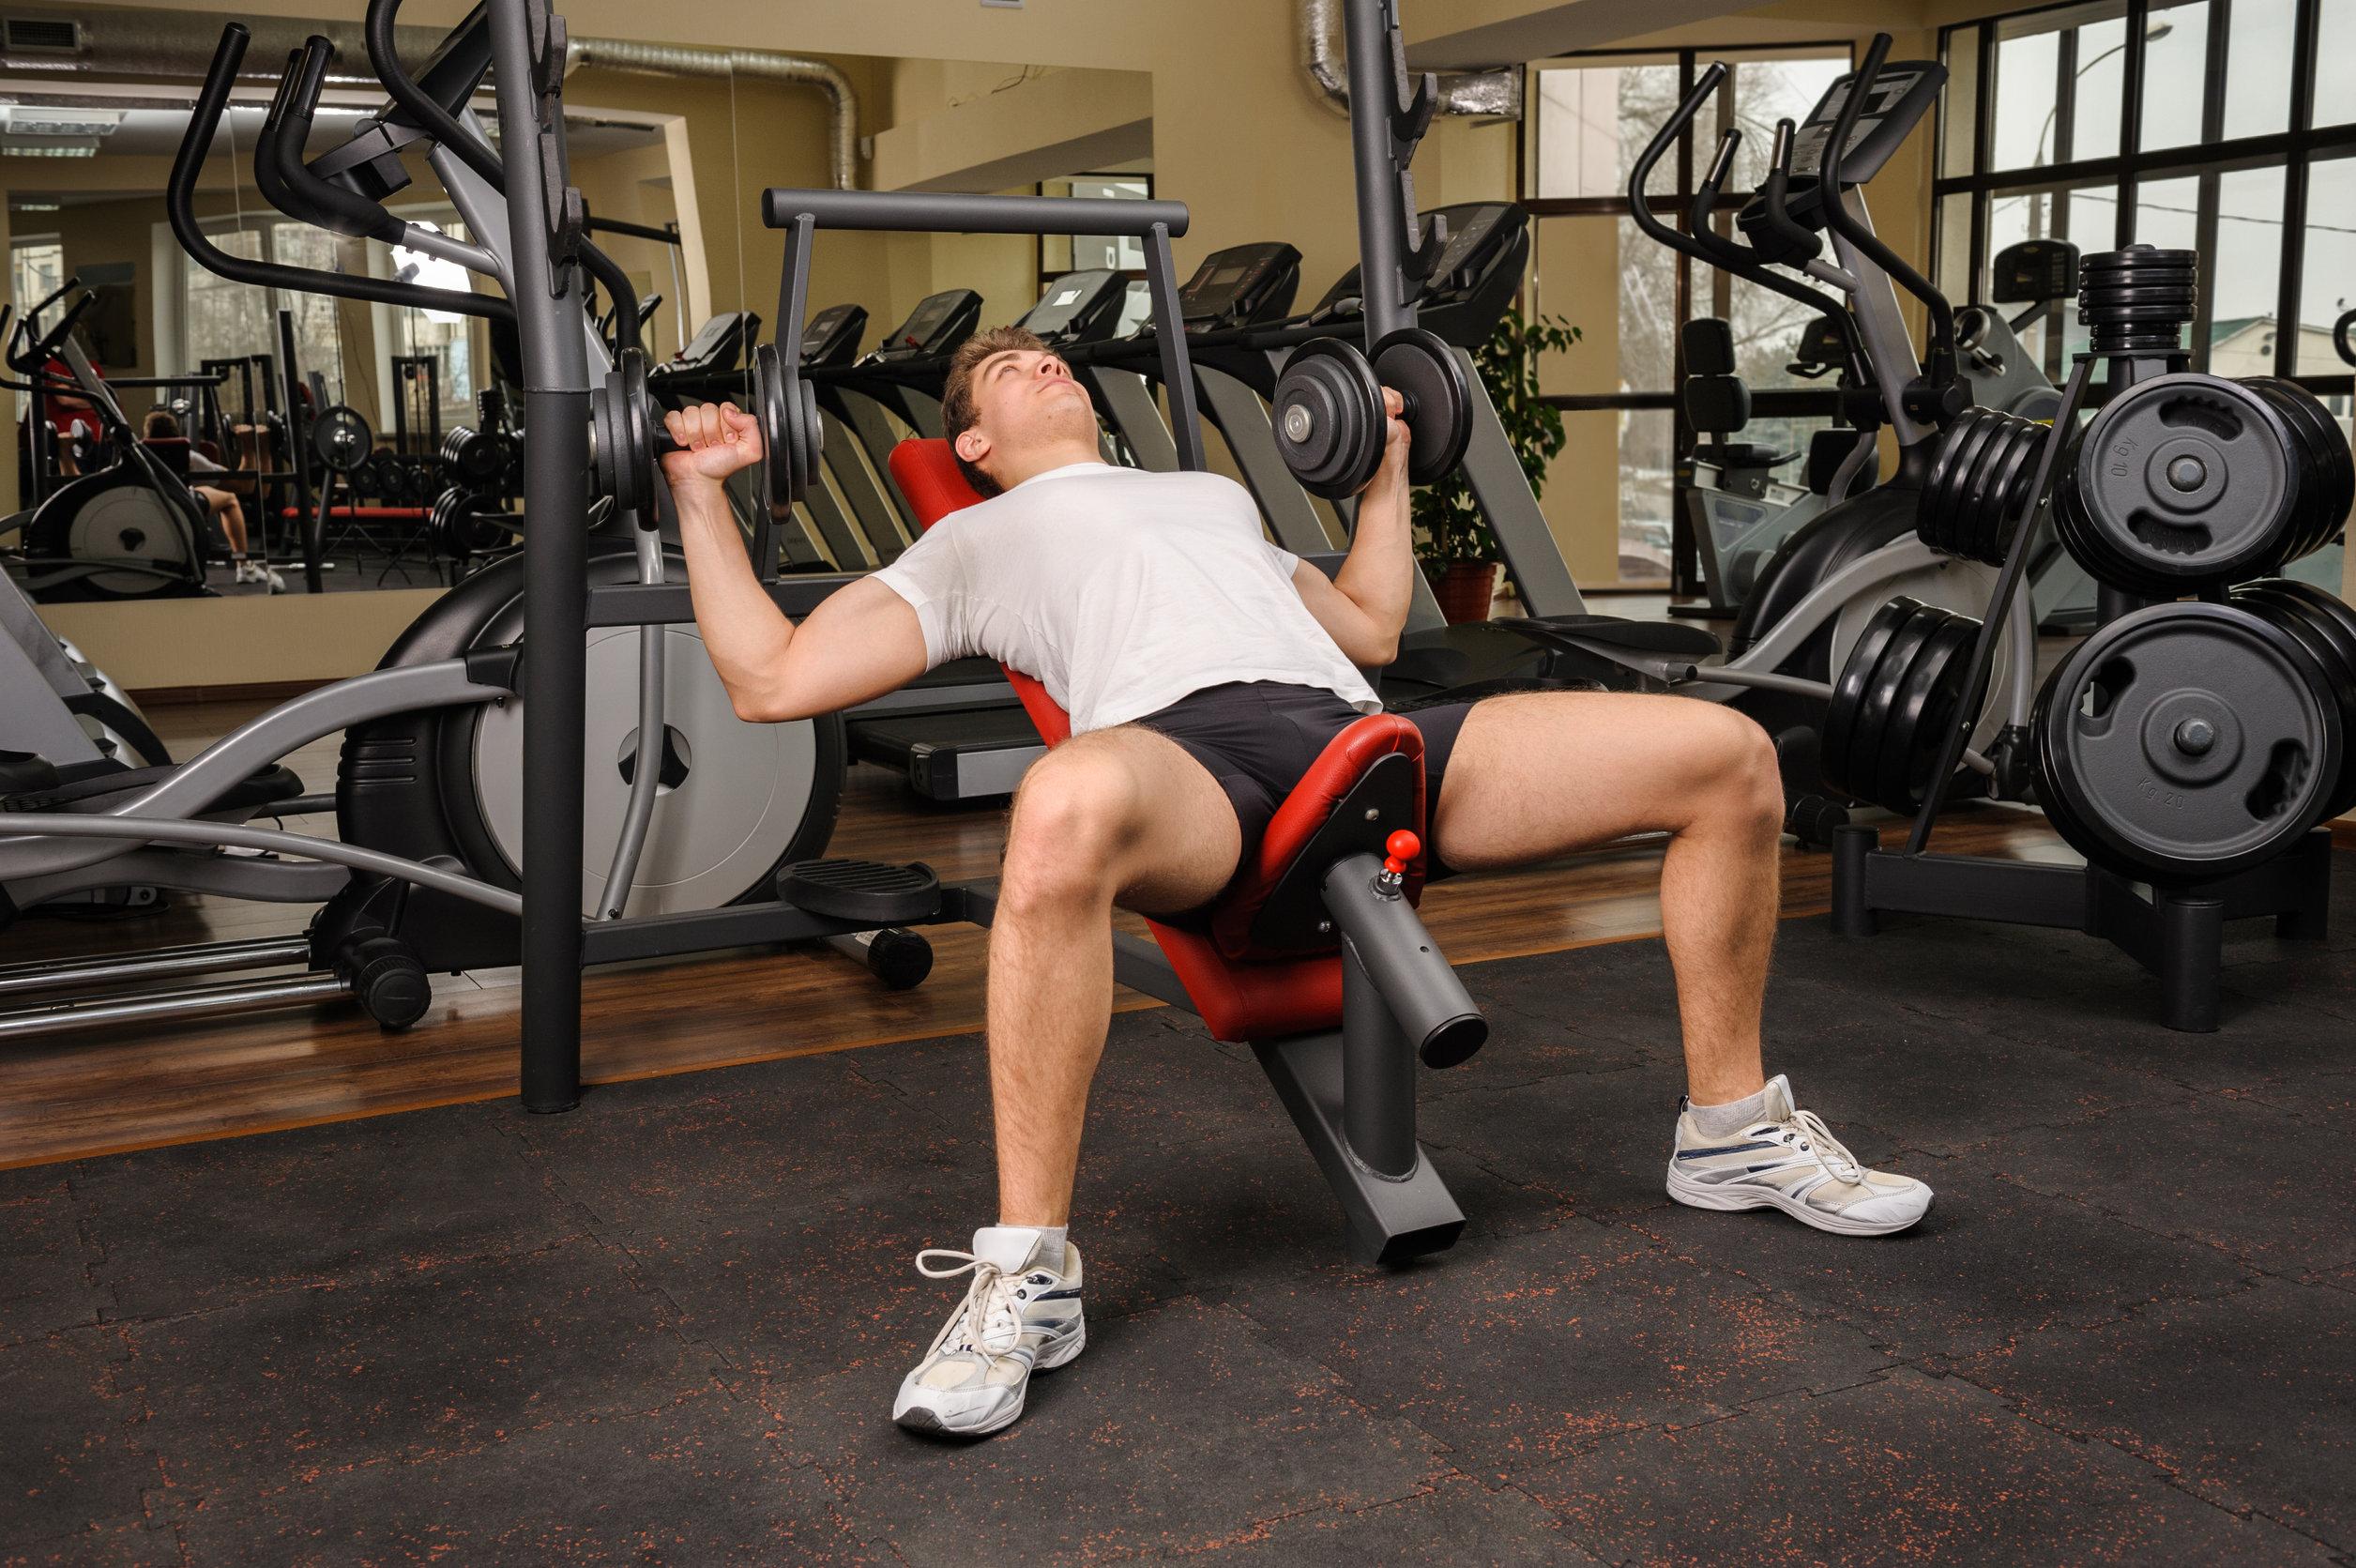 Apuesto joven haciendo ejercicios de press de banca inclinado con mancuernas en el gimnasio